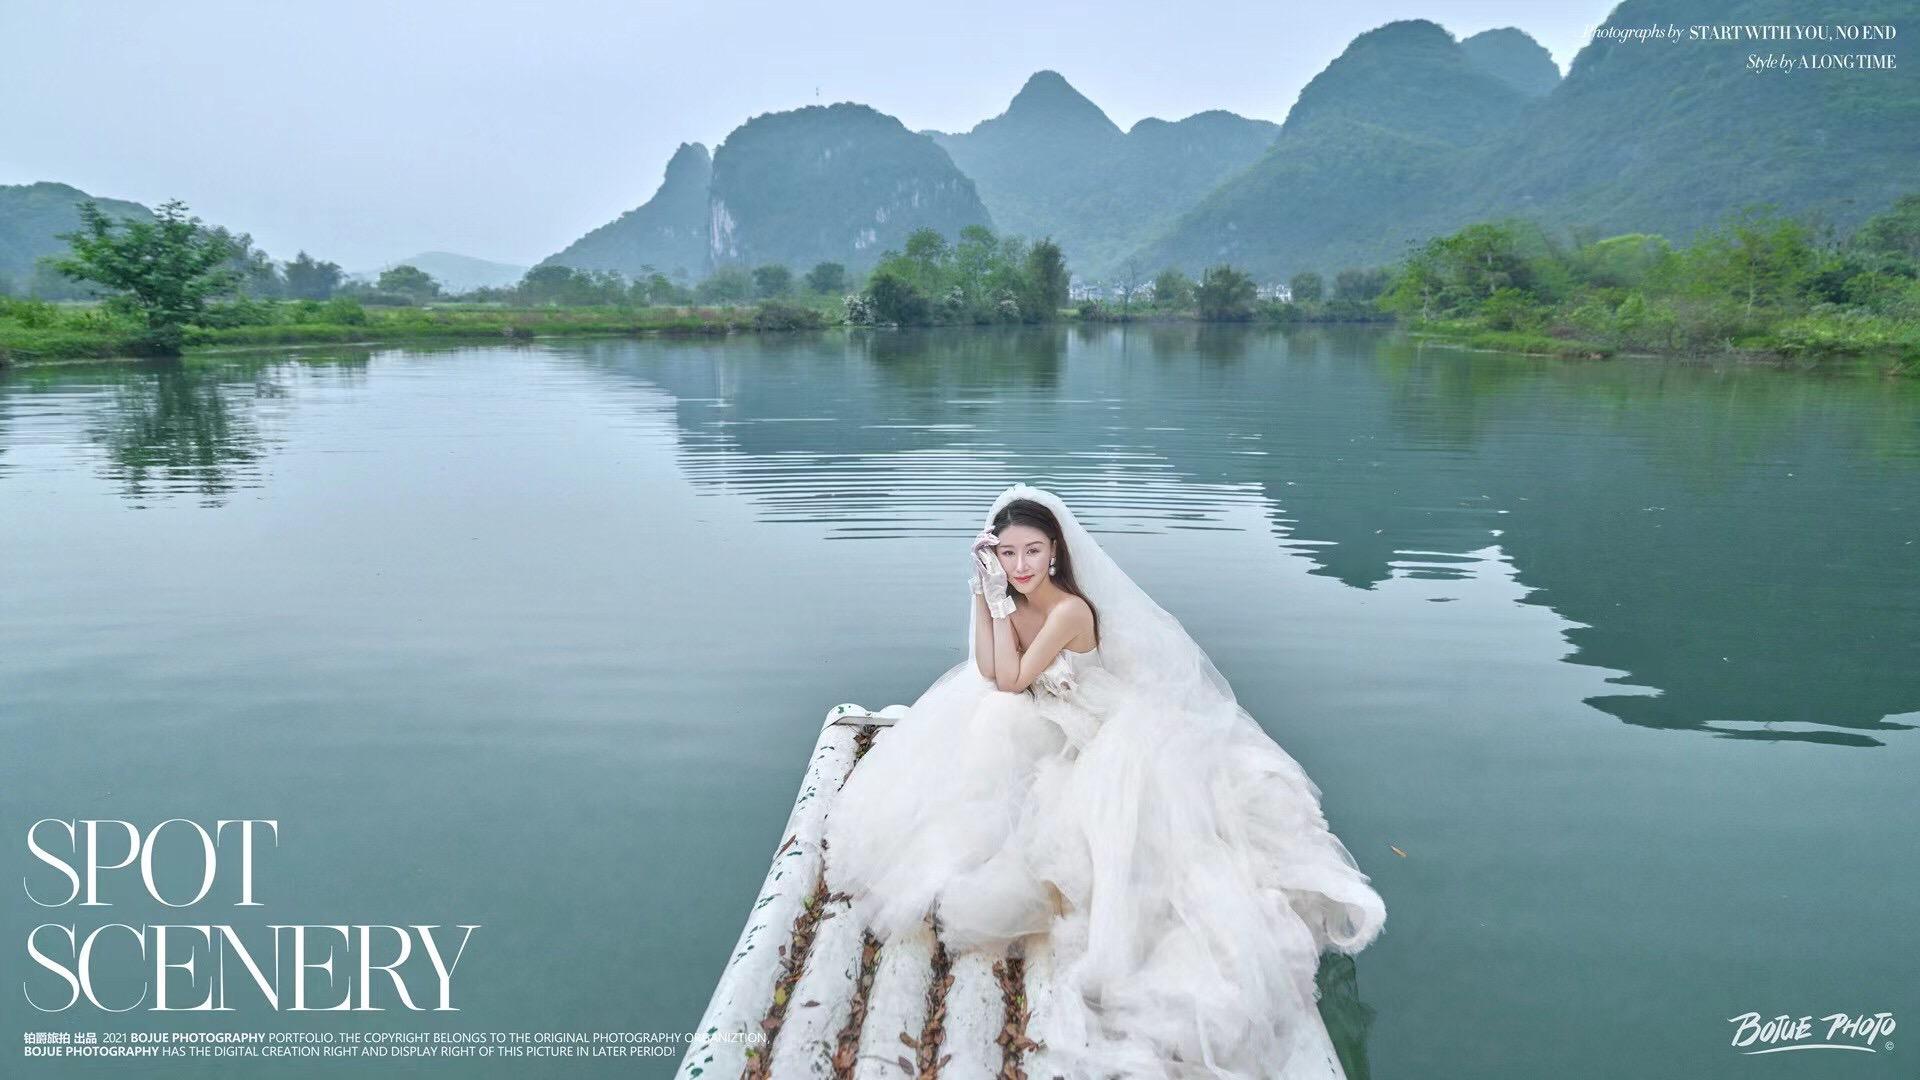 铂爵旅拍婚纱照 记录在桂林的美好时光